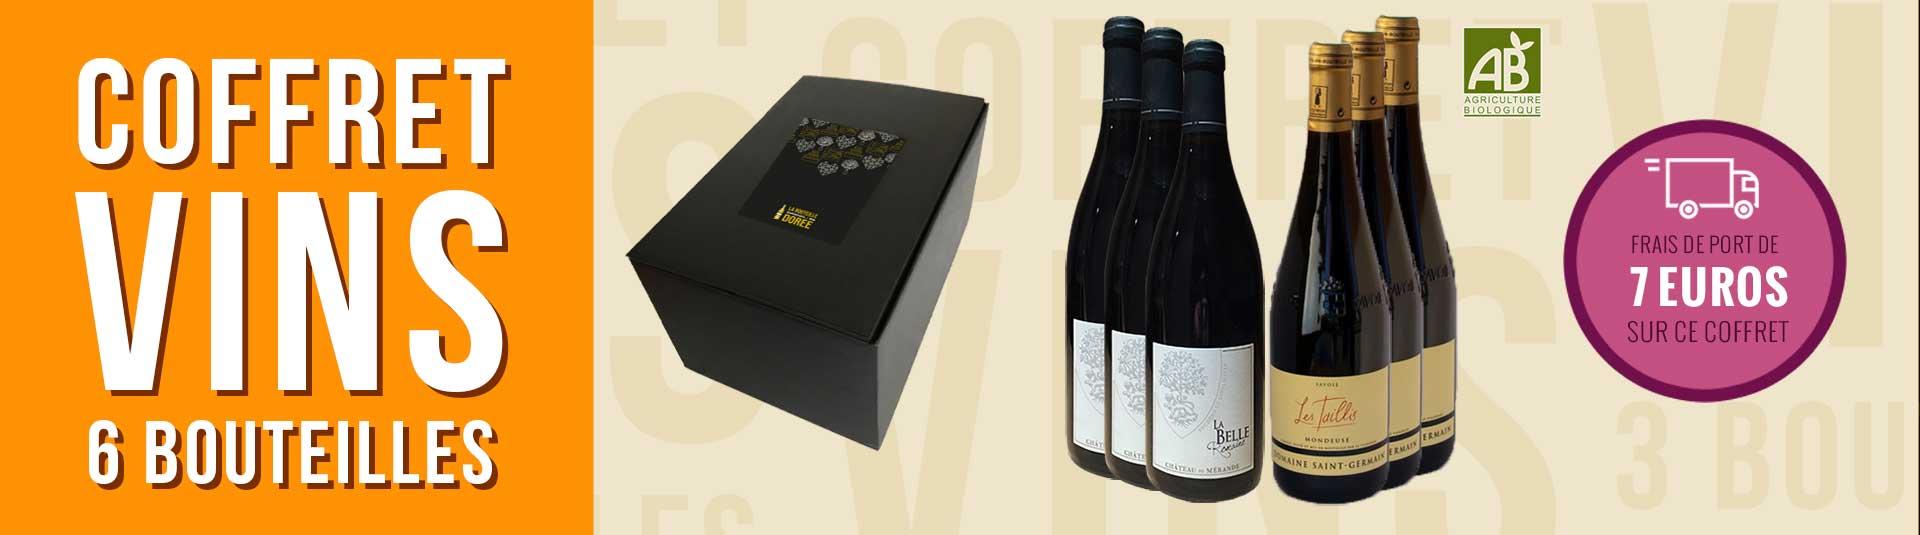 Coffret vin Mondeuse Savoie 6 bouteilles